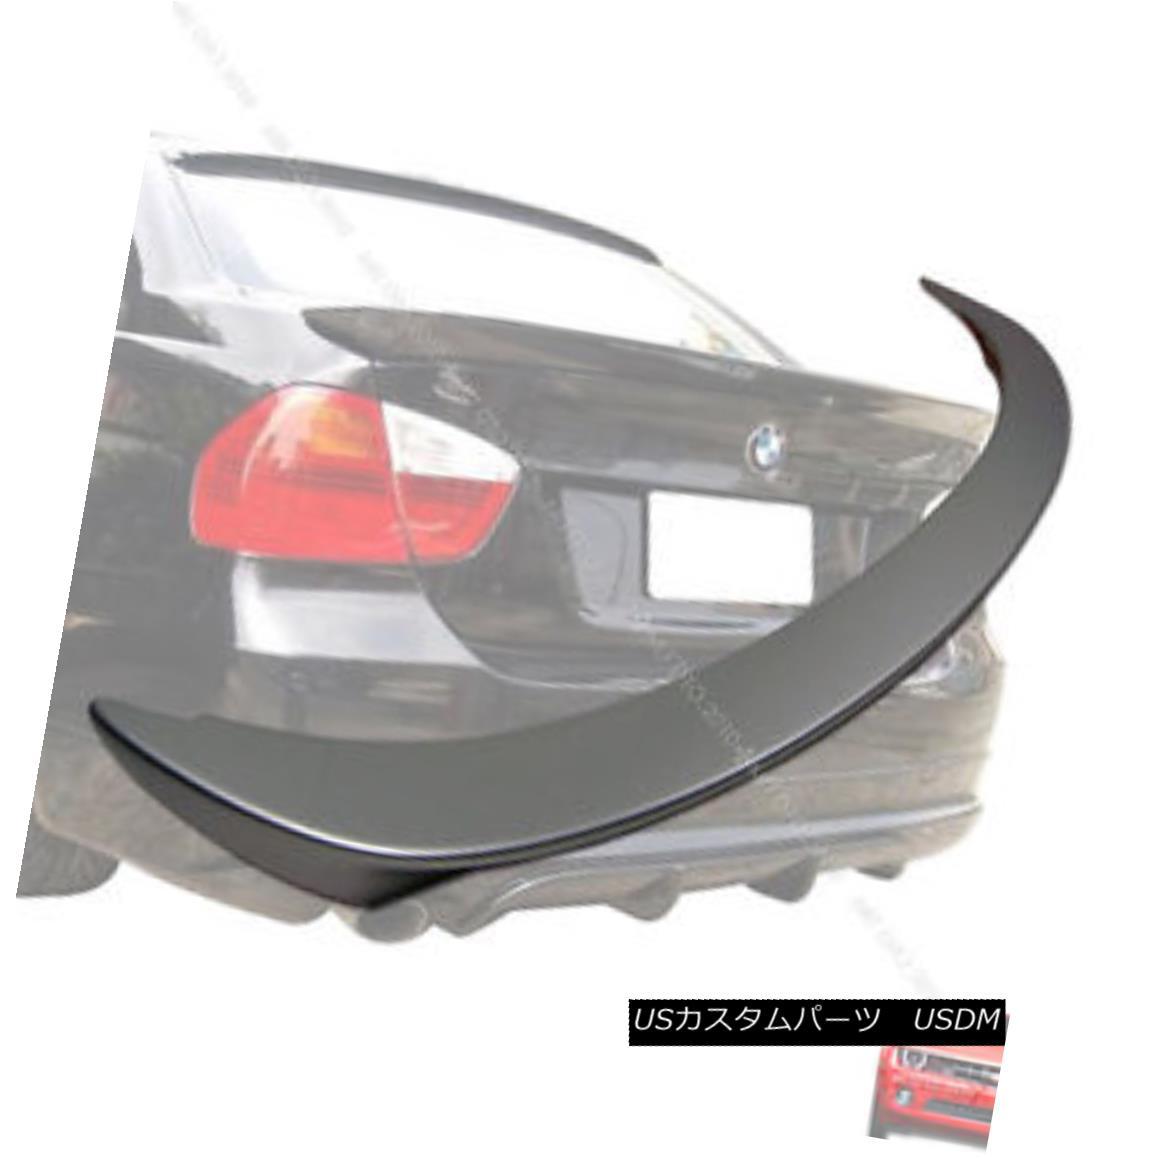 エアロパーツ Painted 335i 328i E90 3-Series BMW Sedan Trunk Spoiler Rear Wing 06-11 塗装された335i 328i E90 3シリーズBMWセダントランクスポイラーリアウイング06-11